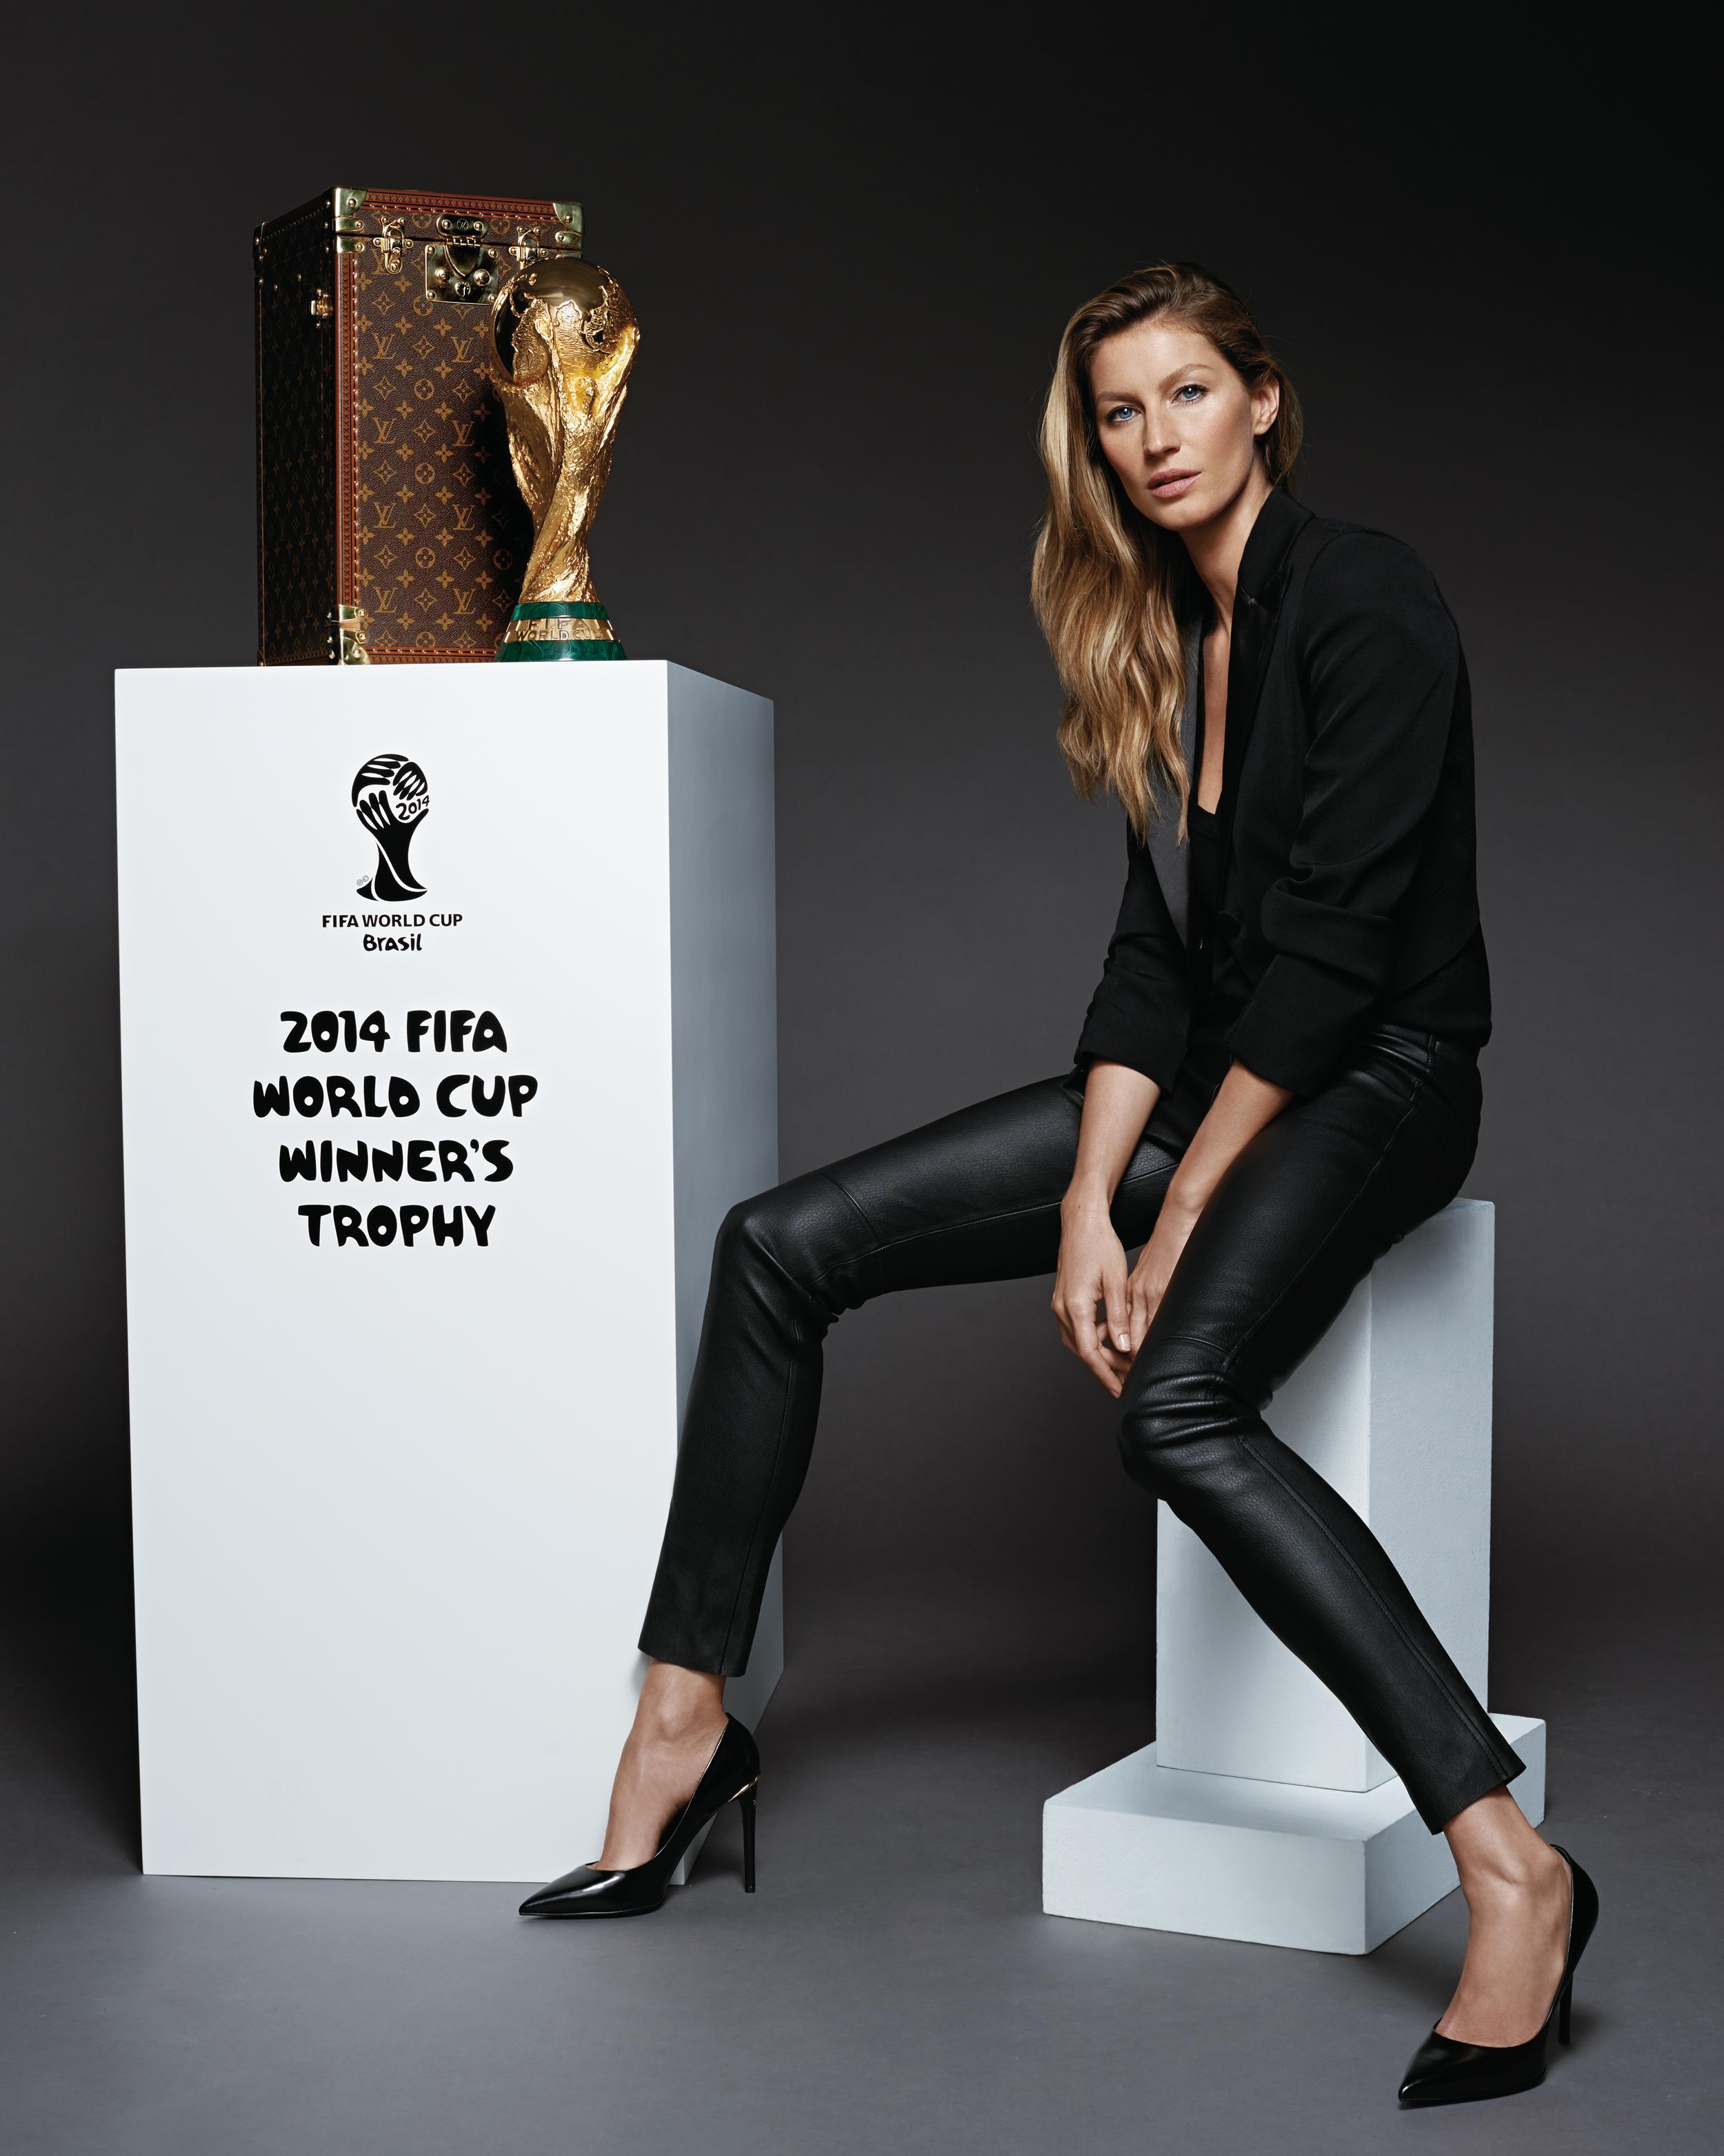 GiseleBundchen_malle-Trophee-Louis-Vuitton_Coupe-du-Monde-de-la-FIFA_lowres